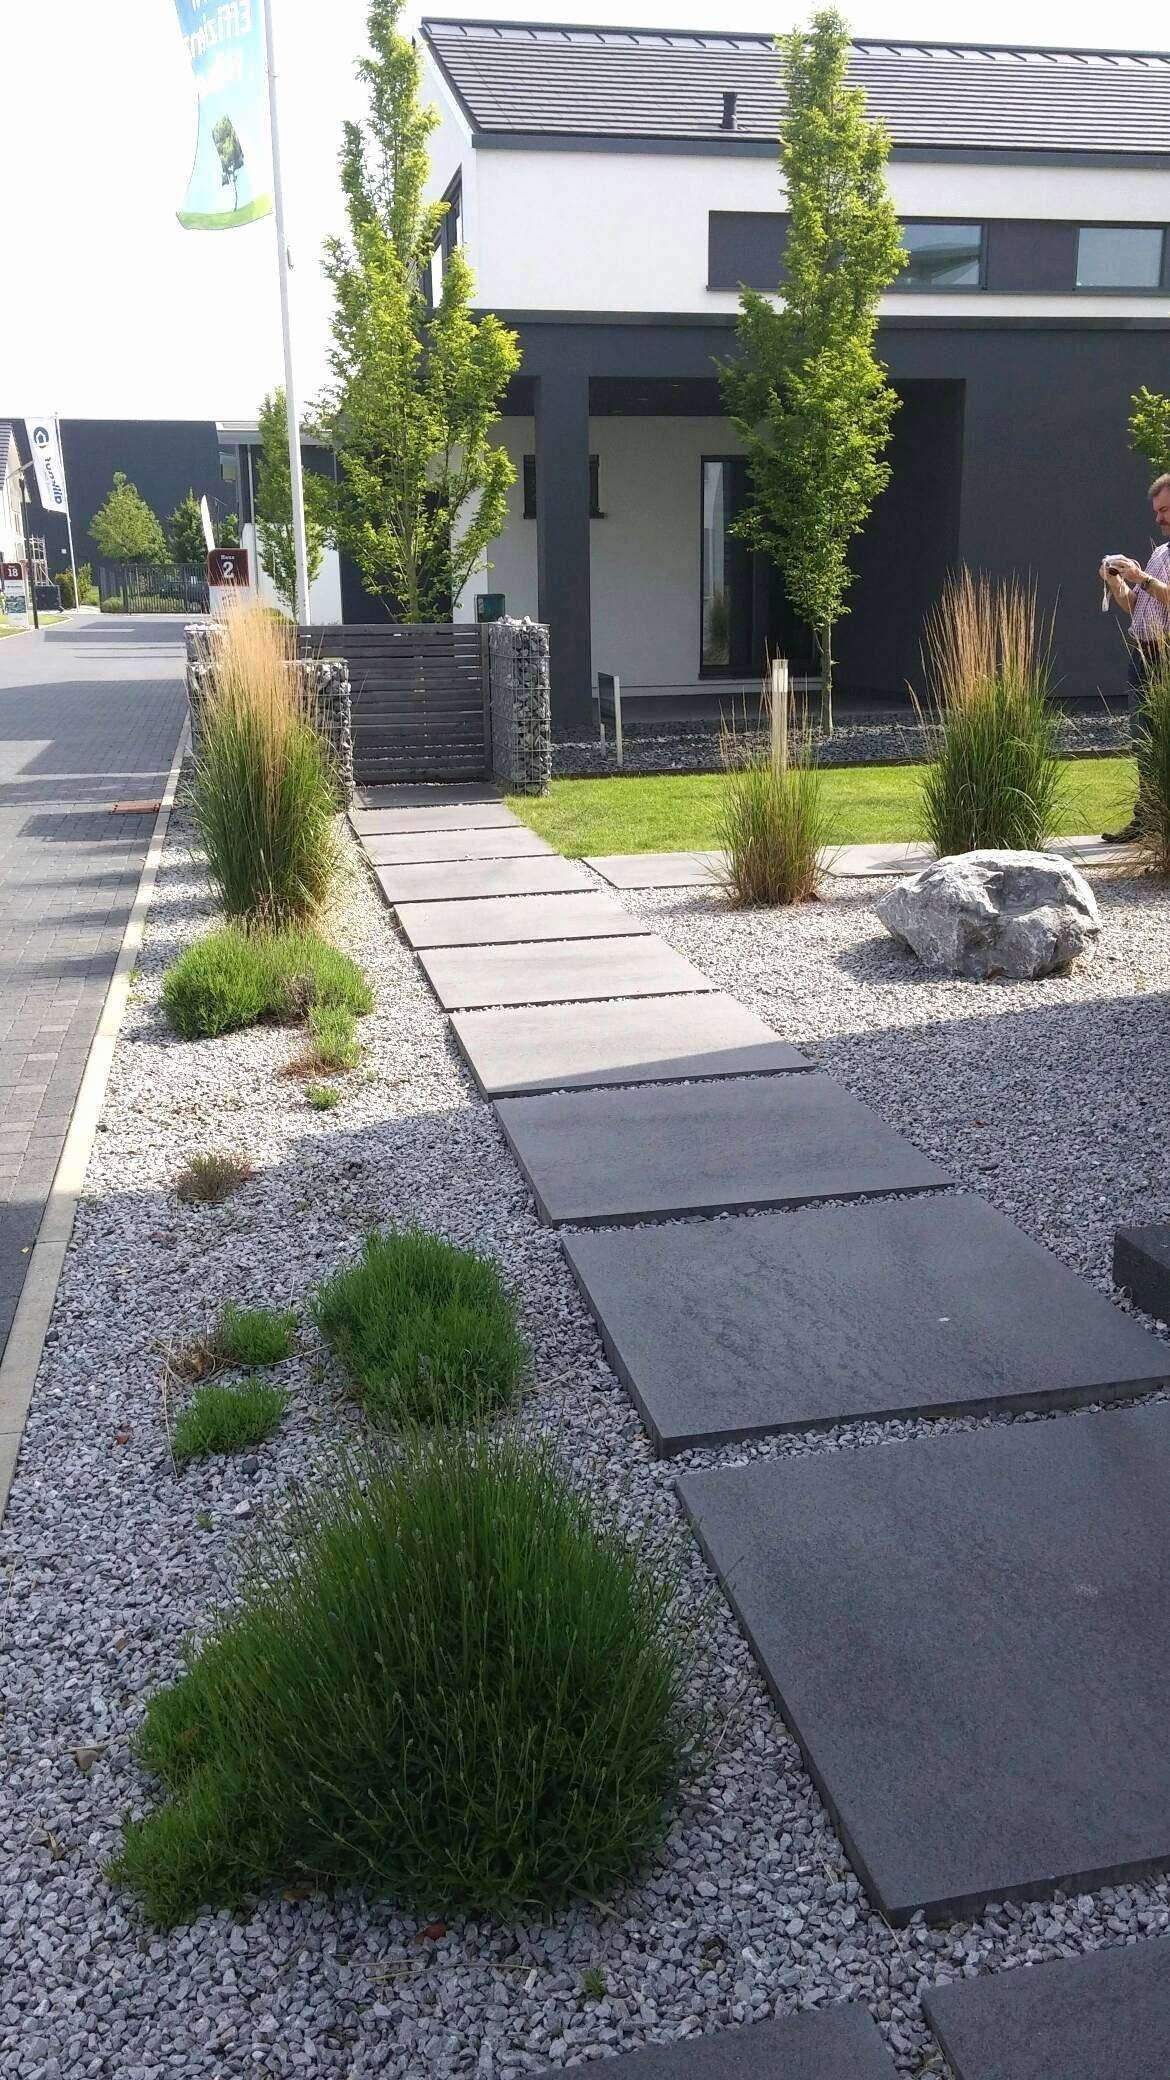 Schlauch Garten Gestalten Inspirierend 40 Einzigartig Garten Anlegen Frisch